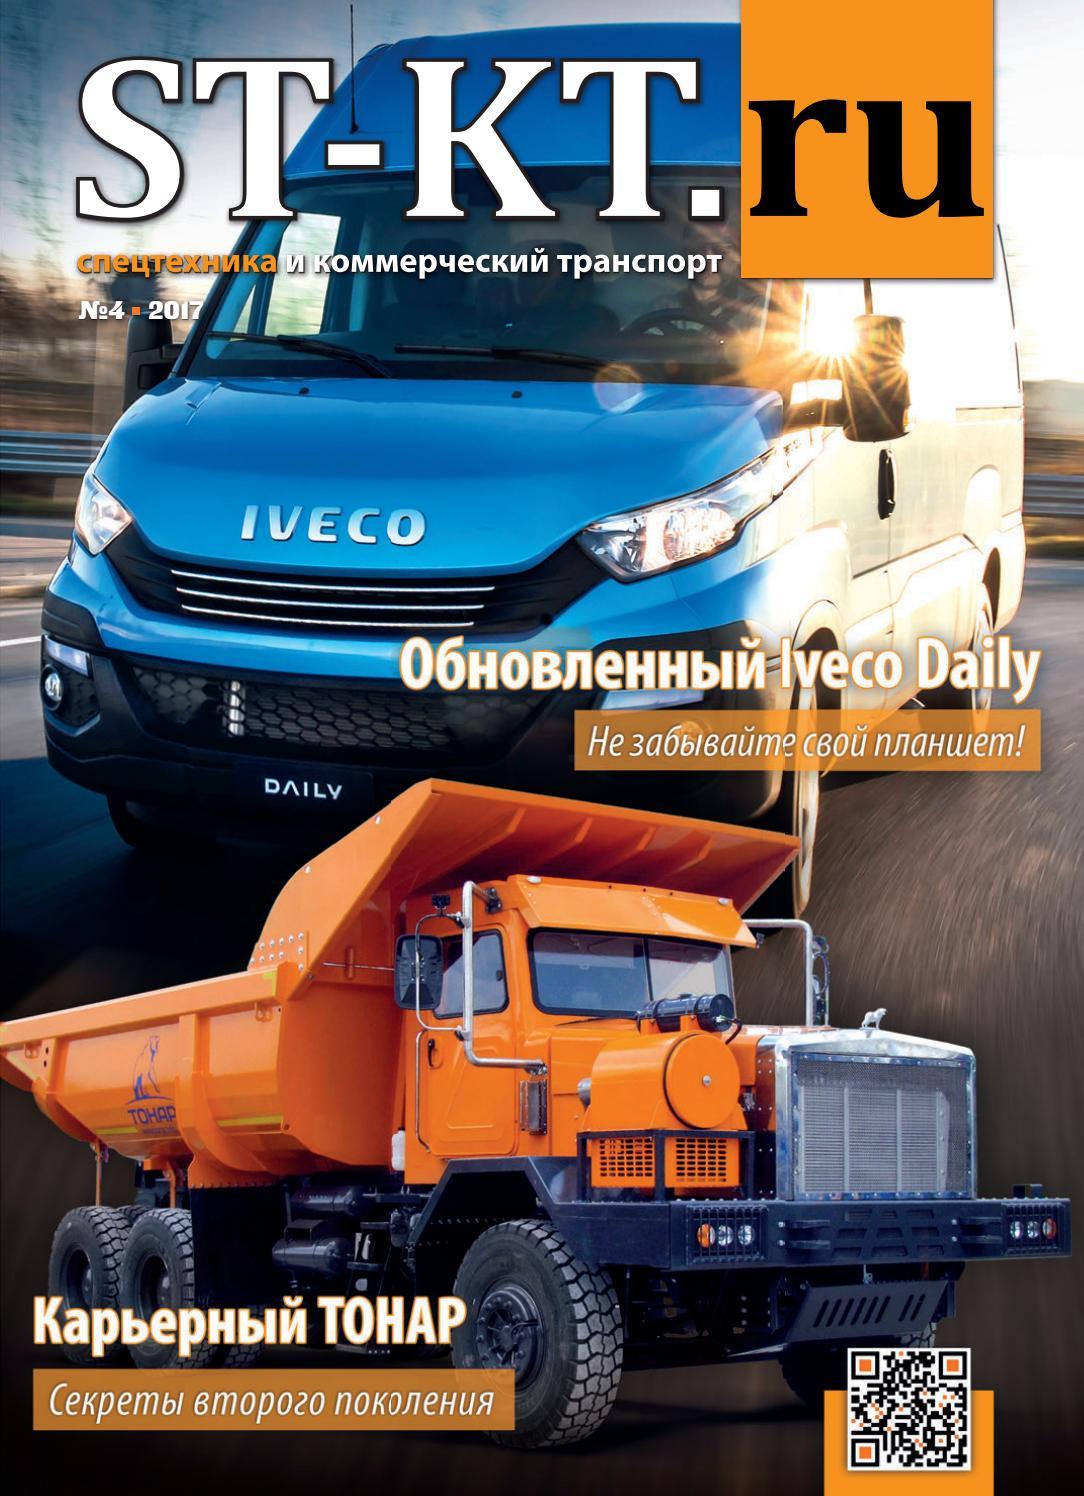 СпецТехника и Коммерческий Транспорт №4/2017 by ST-KT RU - issuu